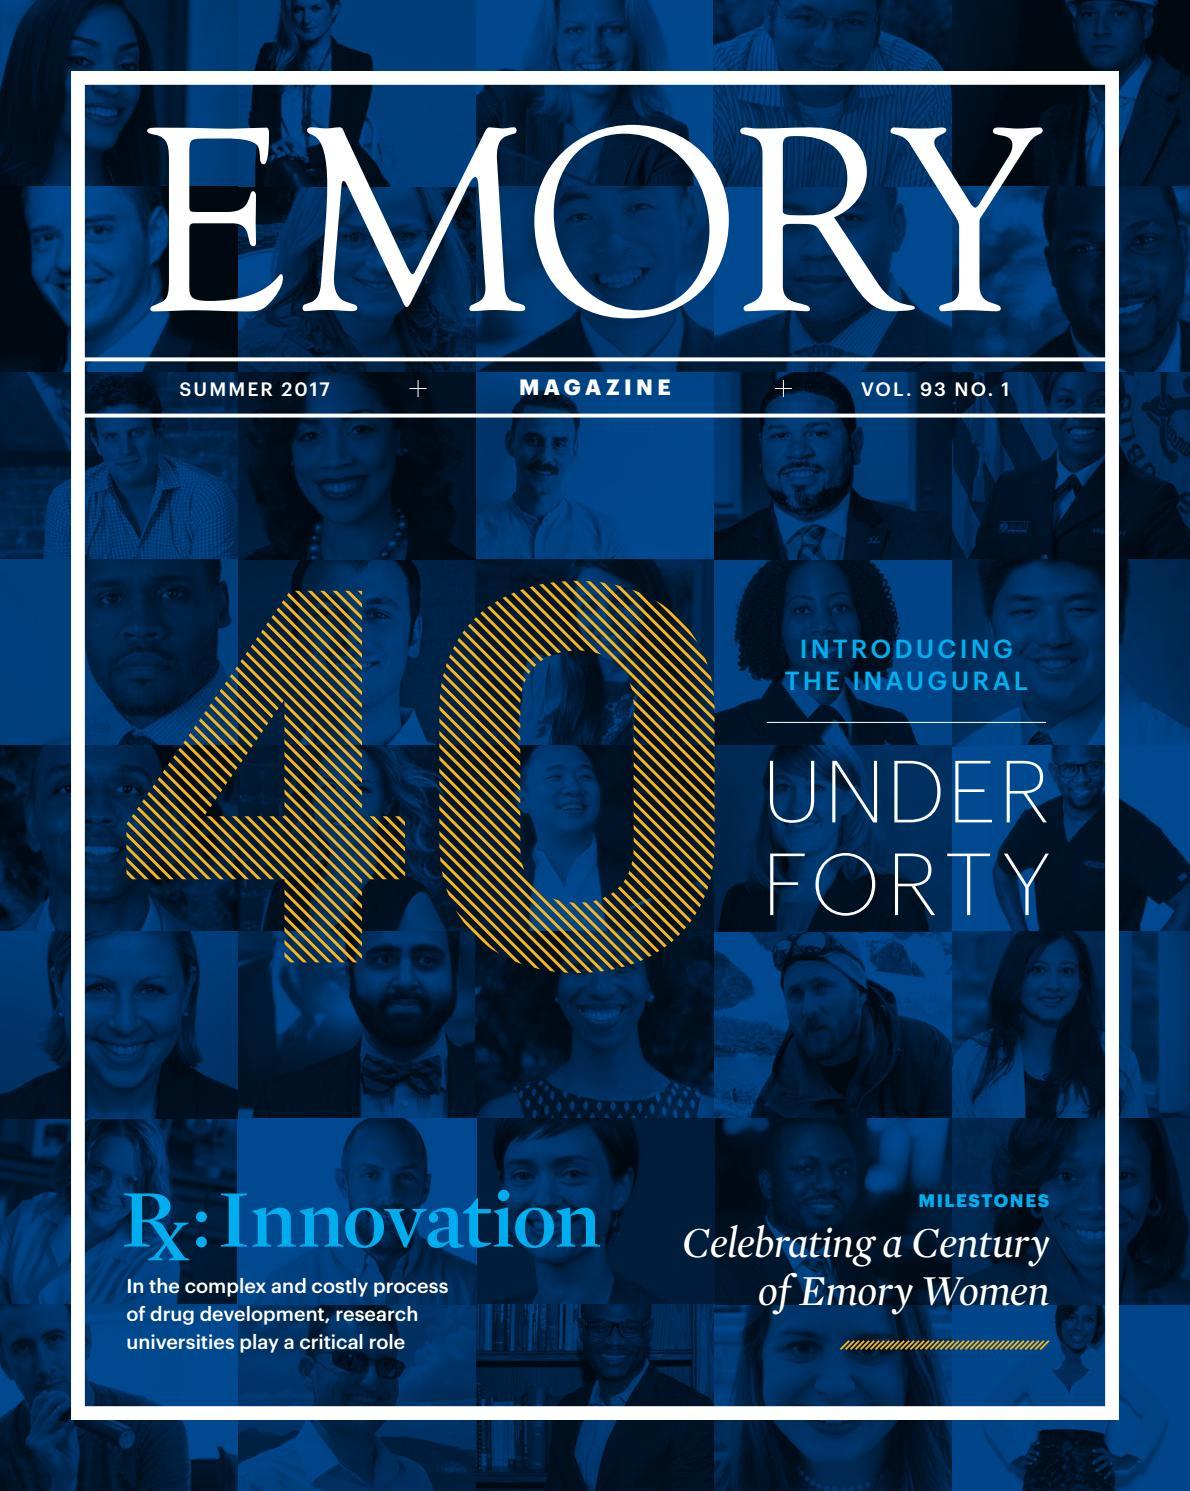 Emory Magazine / Summer 2017 by Emory University - issuu